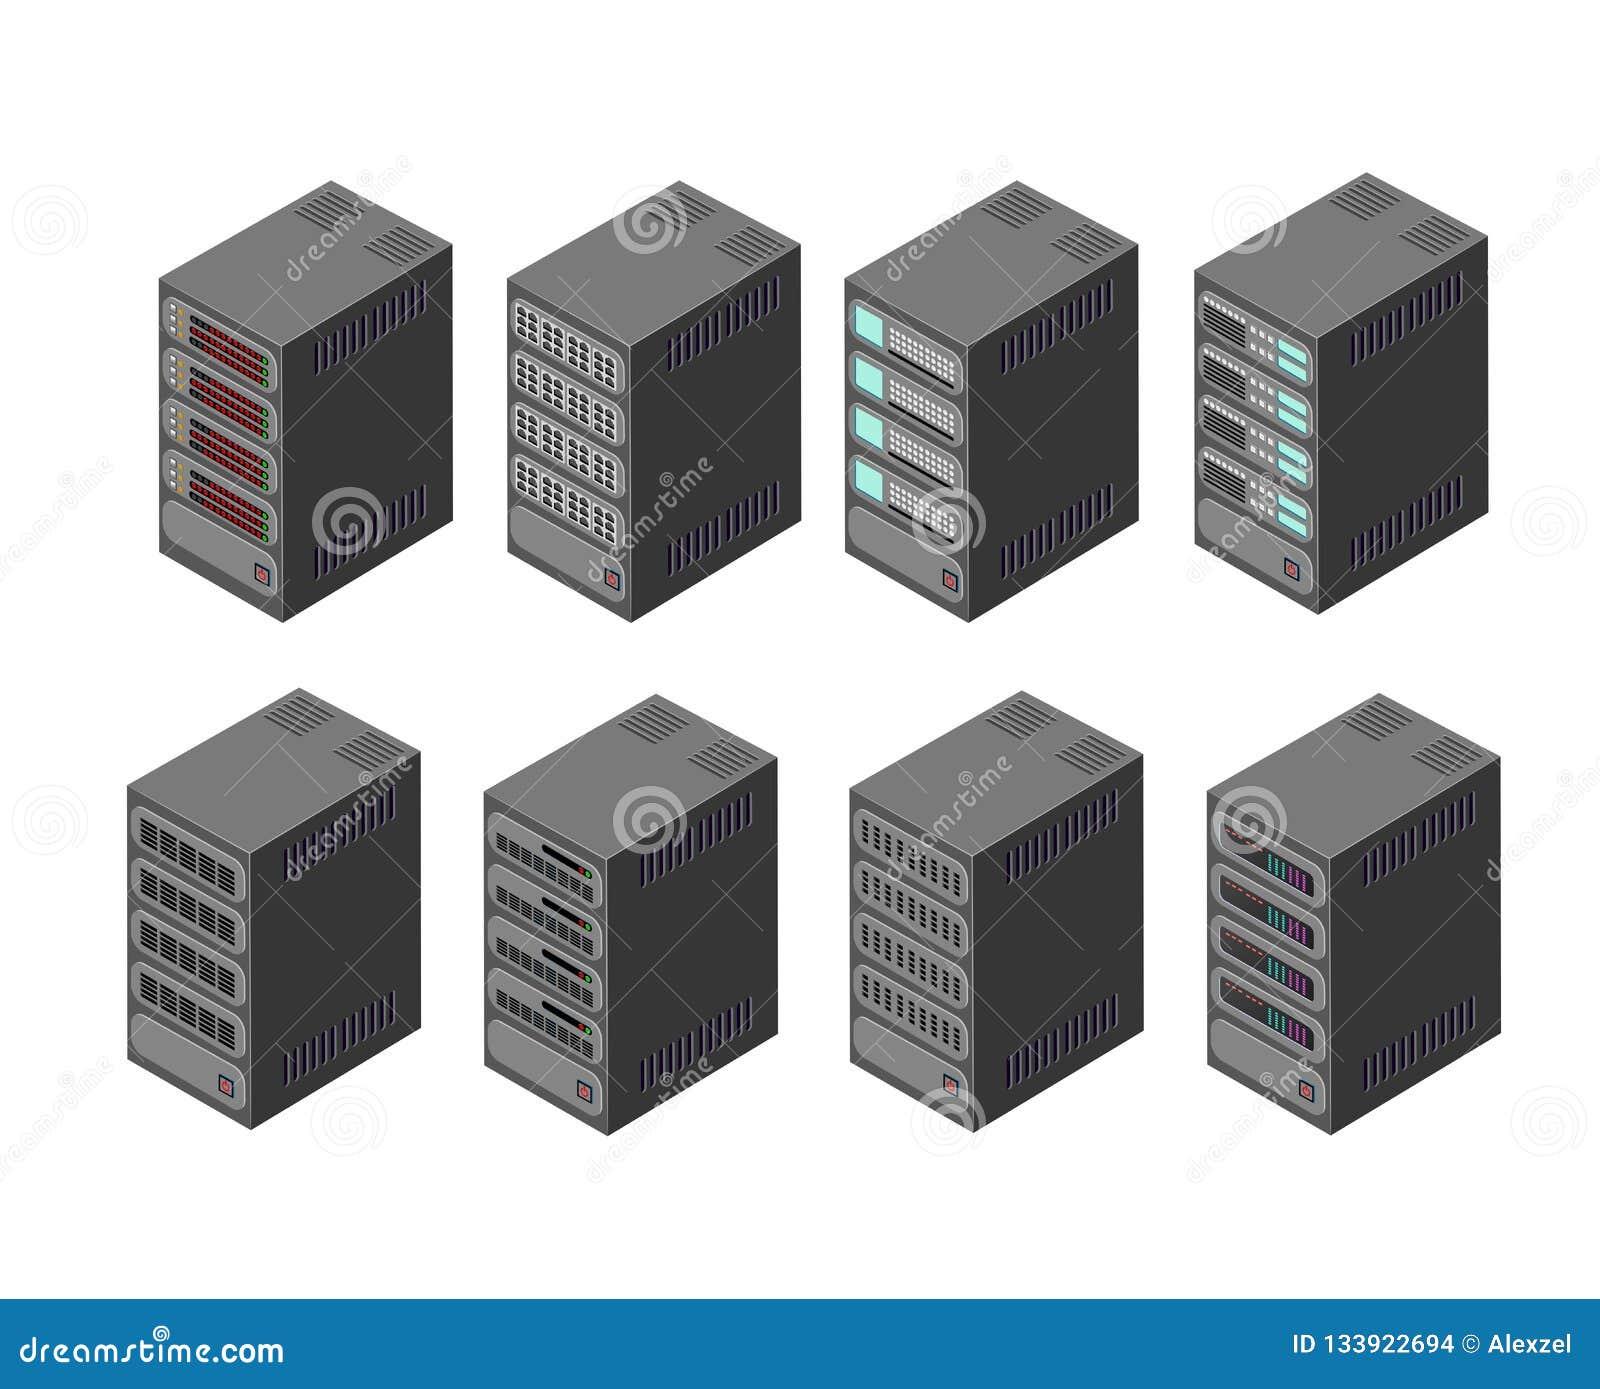 Data Server Network Stock Vector Illustration Of Internet 133922694